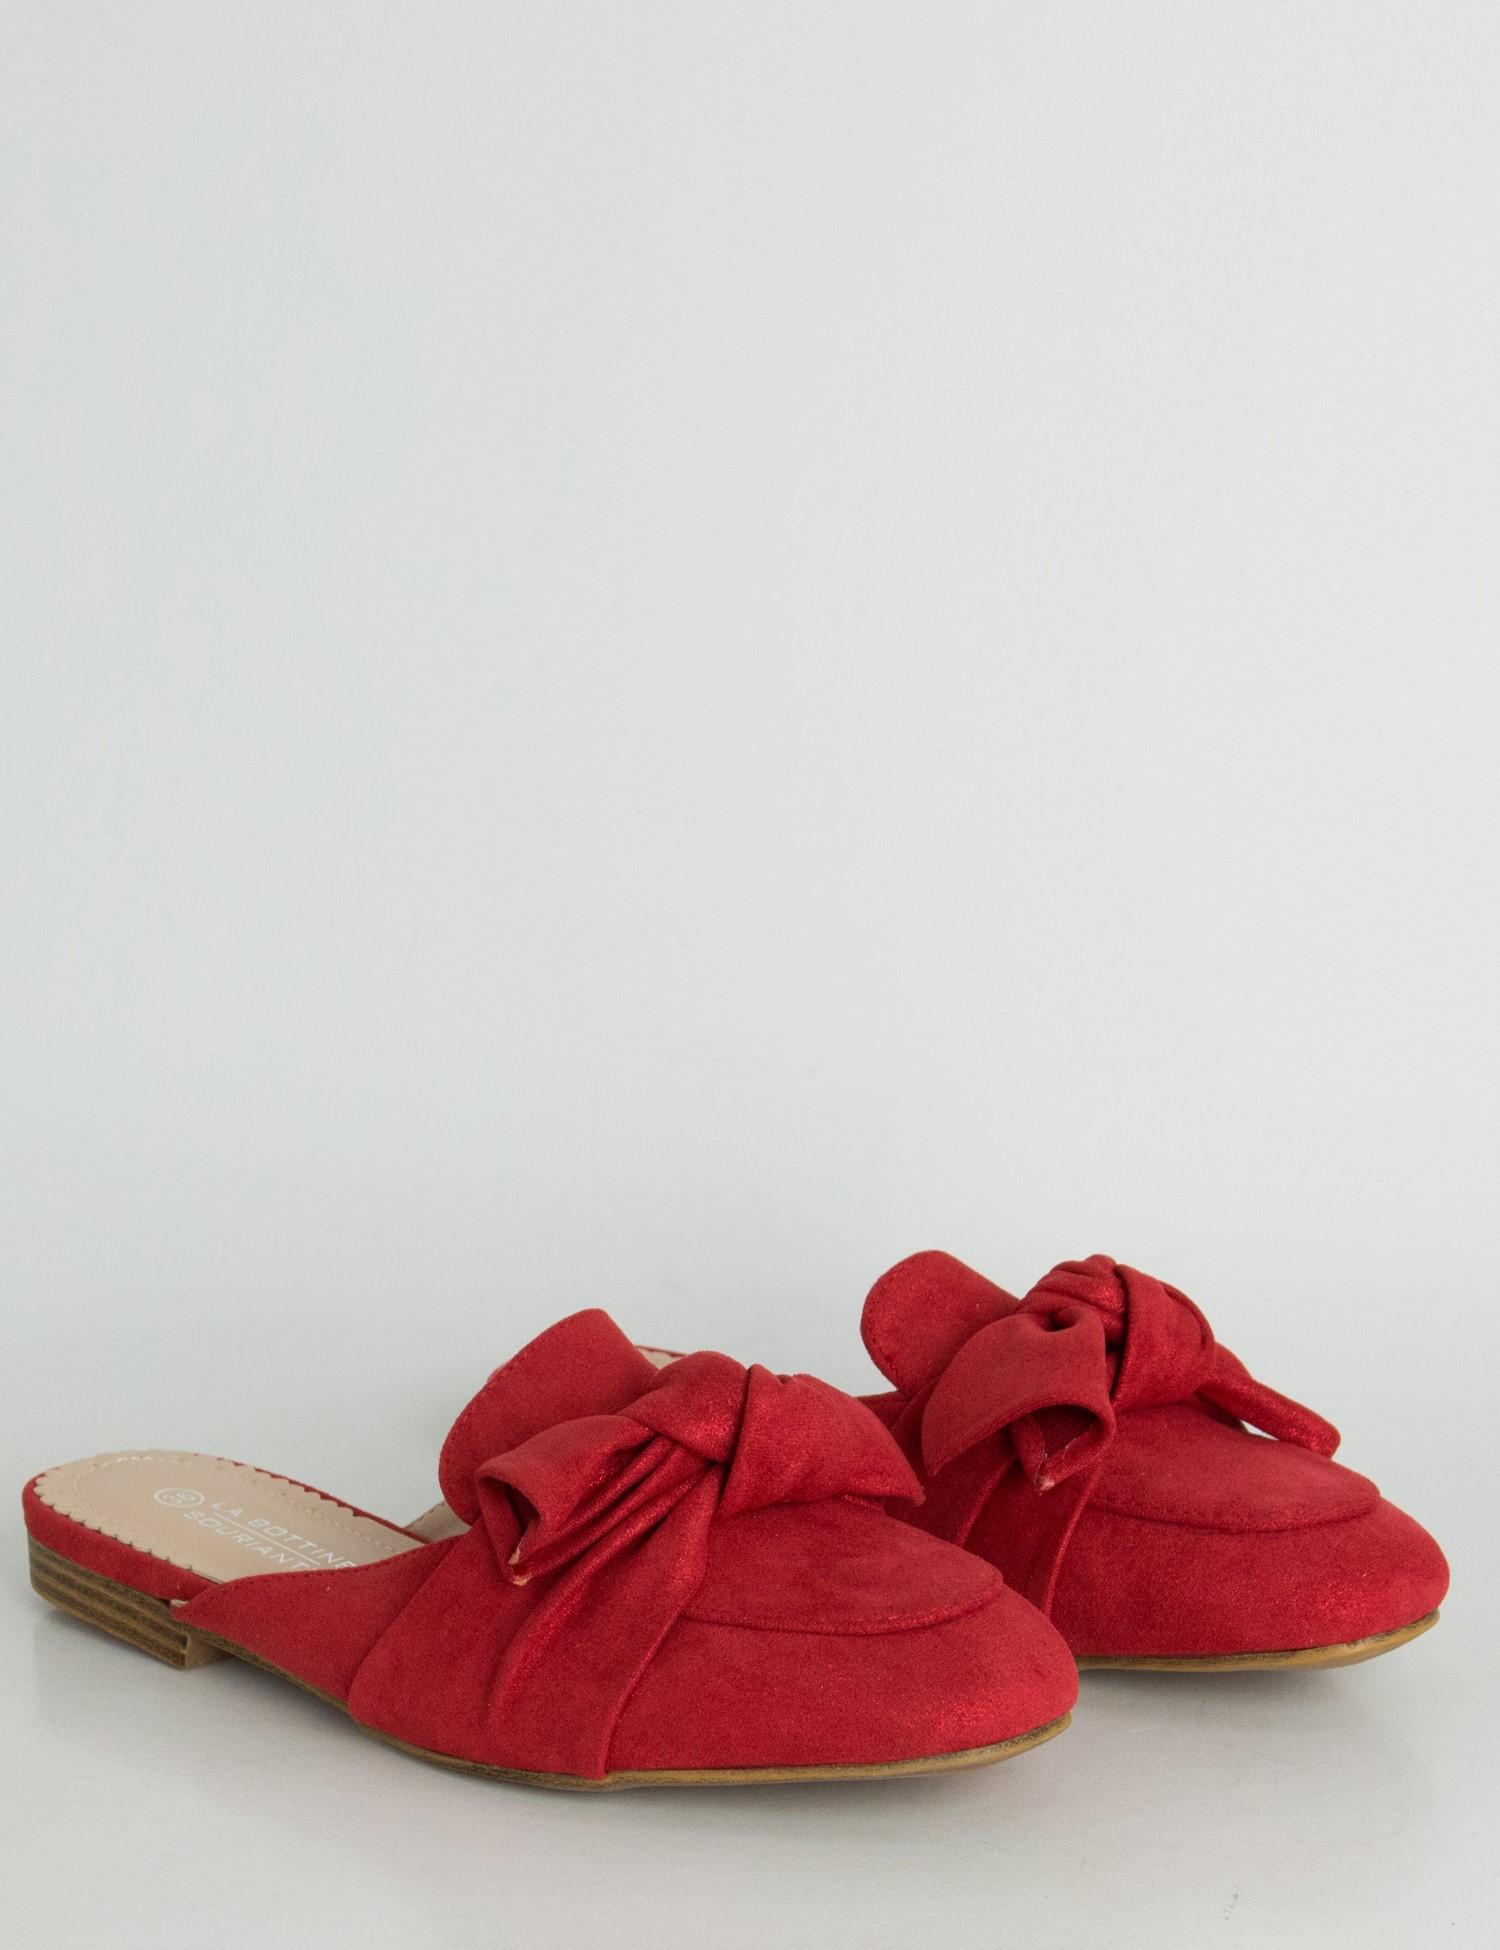 Γυναικεία κόκκινα Flat Mules σουέντ ιριδίζον φιόγκος LBS6599 cc0490372c7